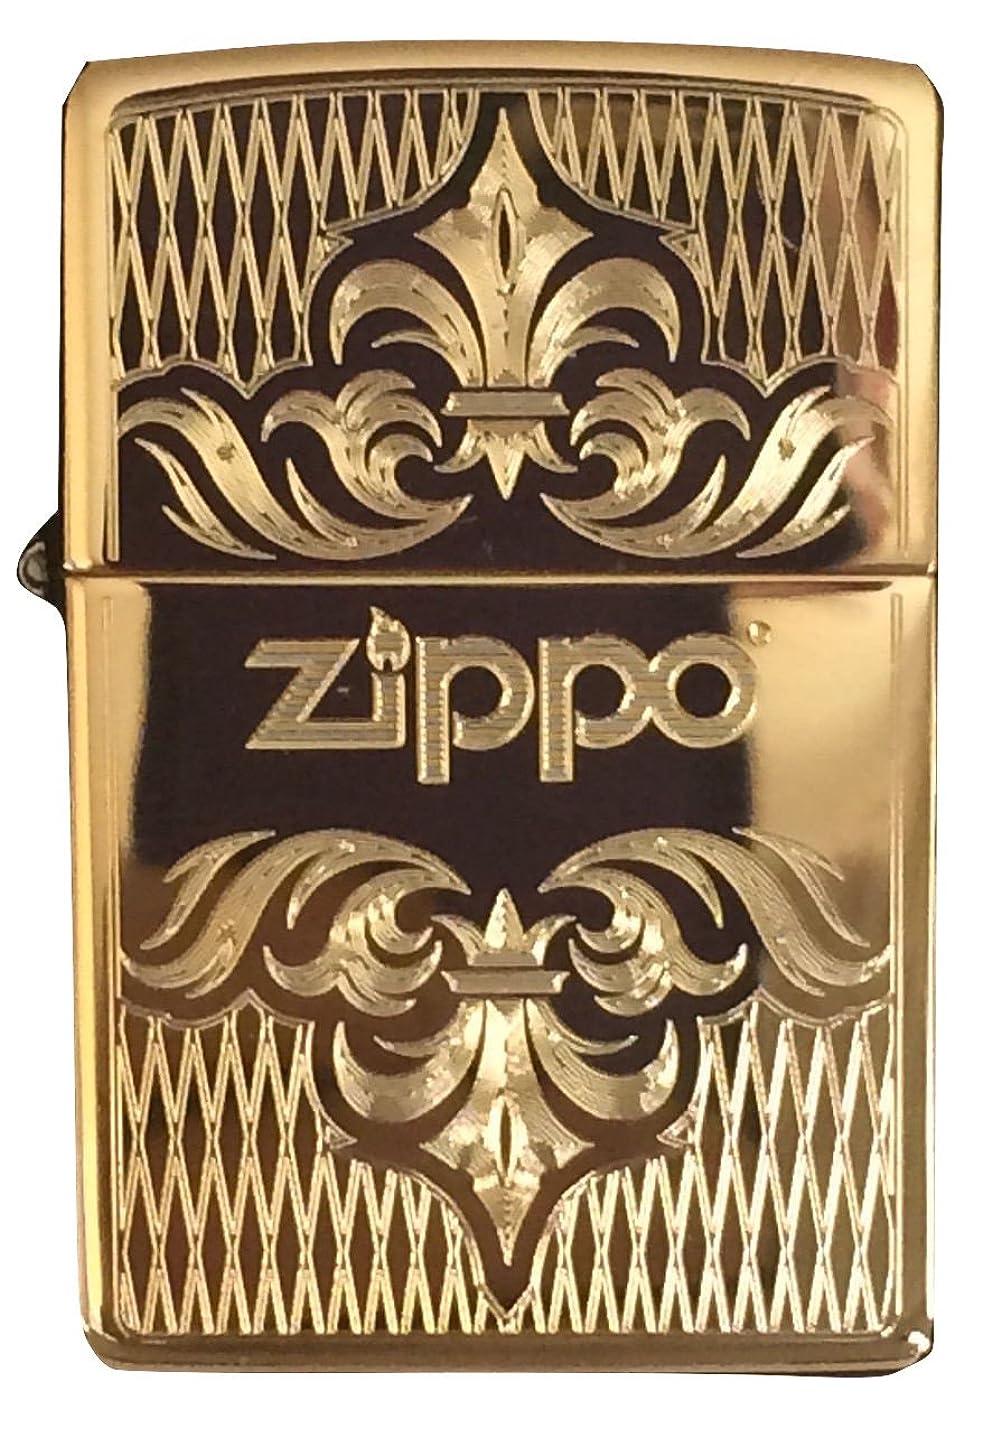 アスレチック差し迫った既婚ZIPPO ジッポー オイル ライター USモデル リーガルデザイン 51155 [並行輸入品]